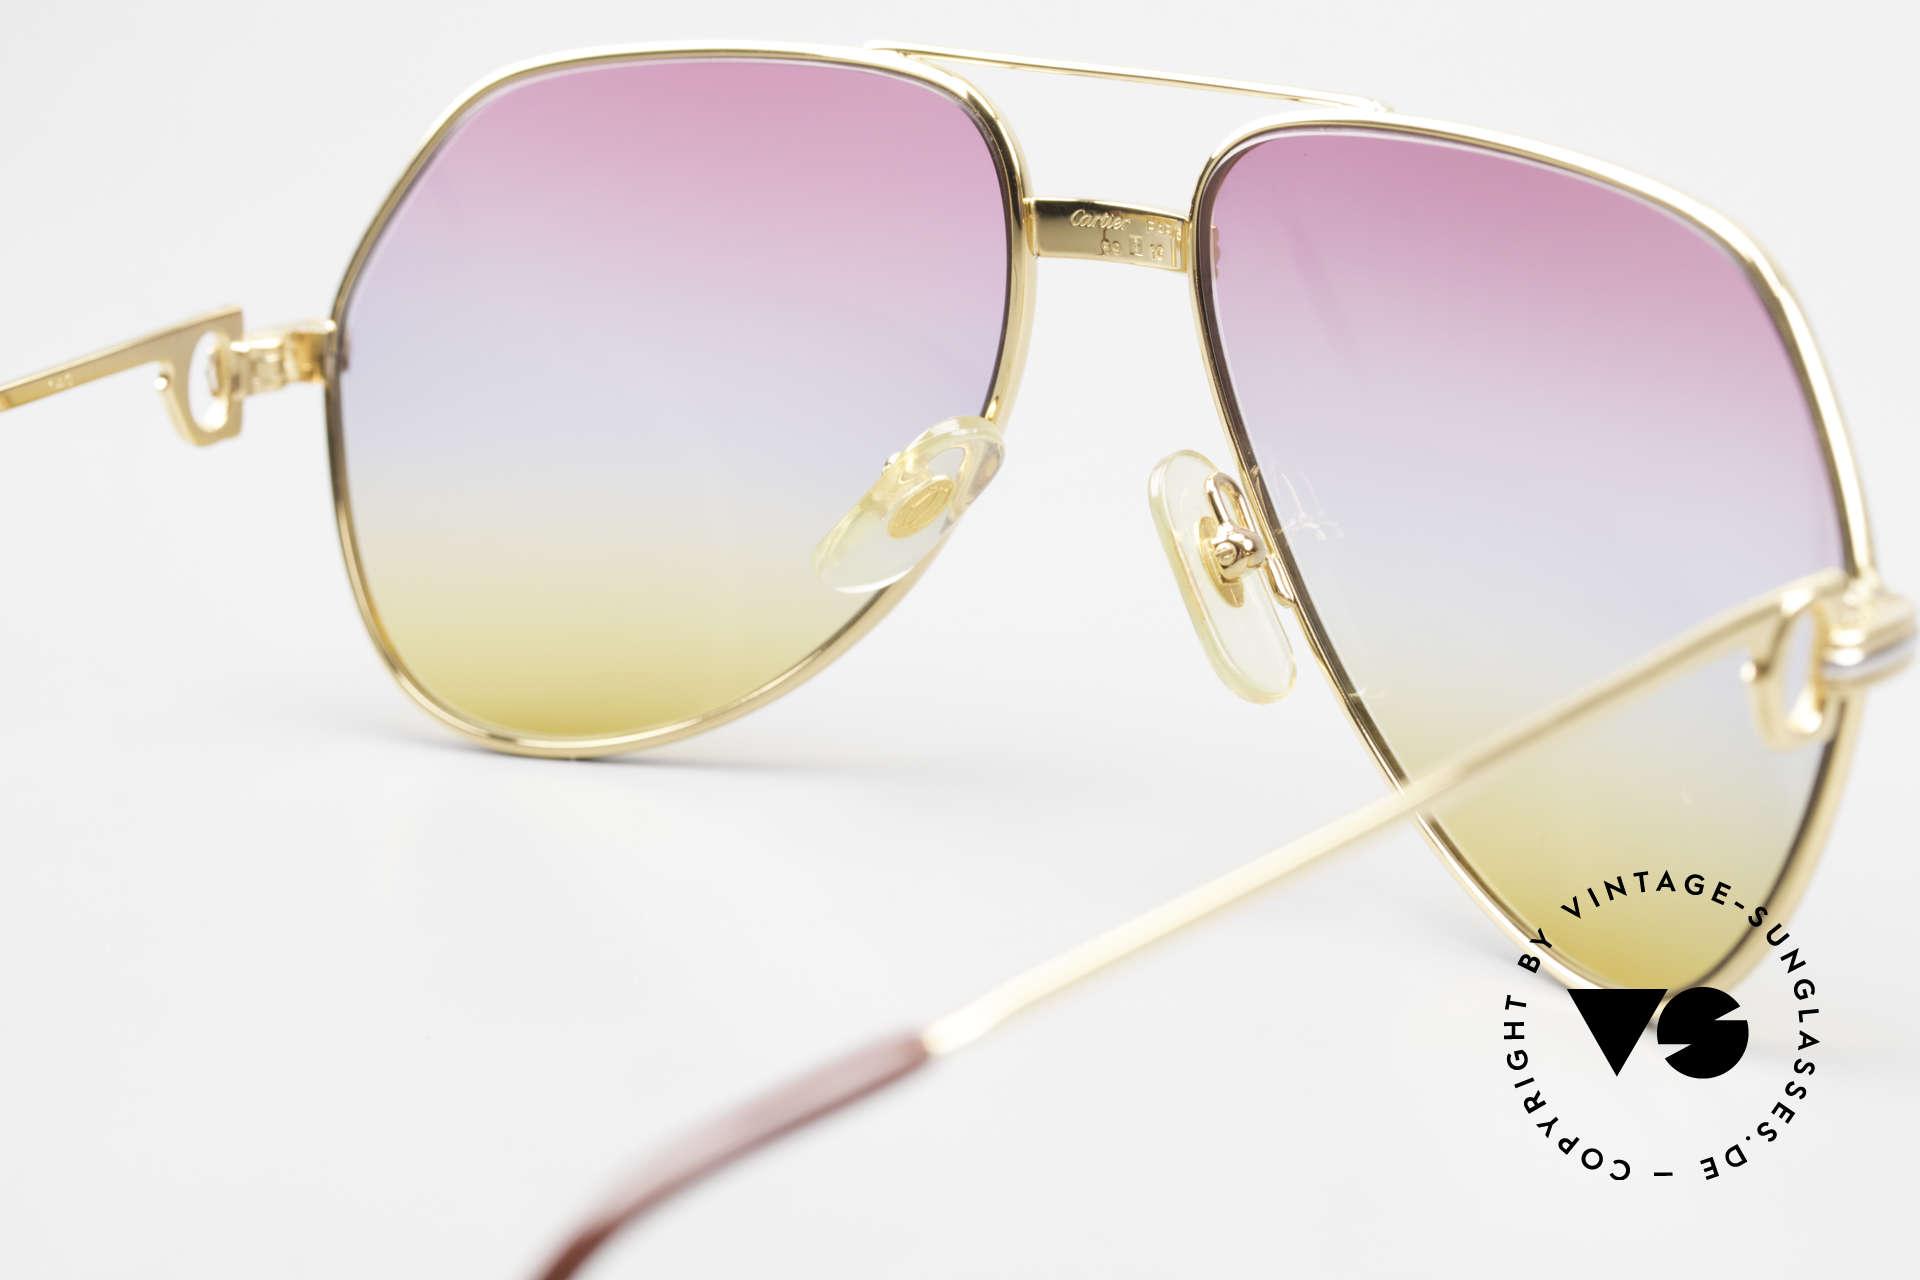 Cartier Vendome LC - M 80's 90's Aviator Sunglasses, NO retro sunglasses, but an authentic vintage ORIGINAL, Made for Men and Women